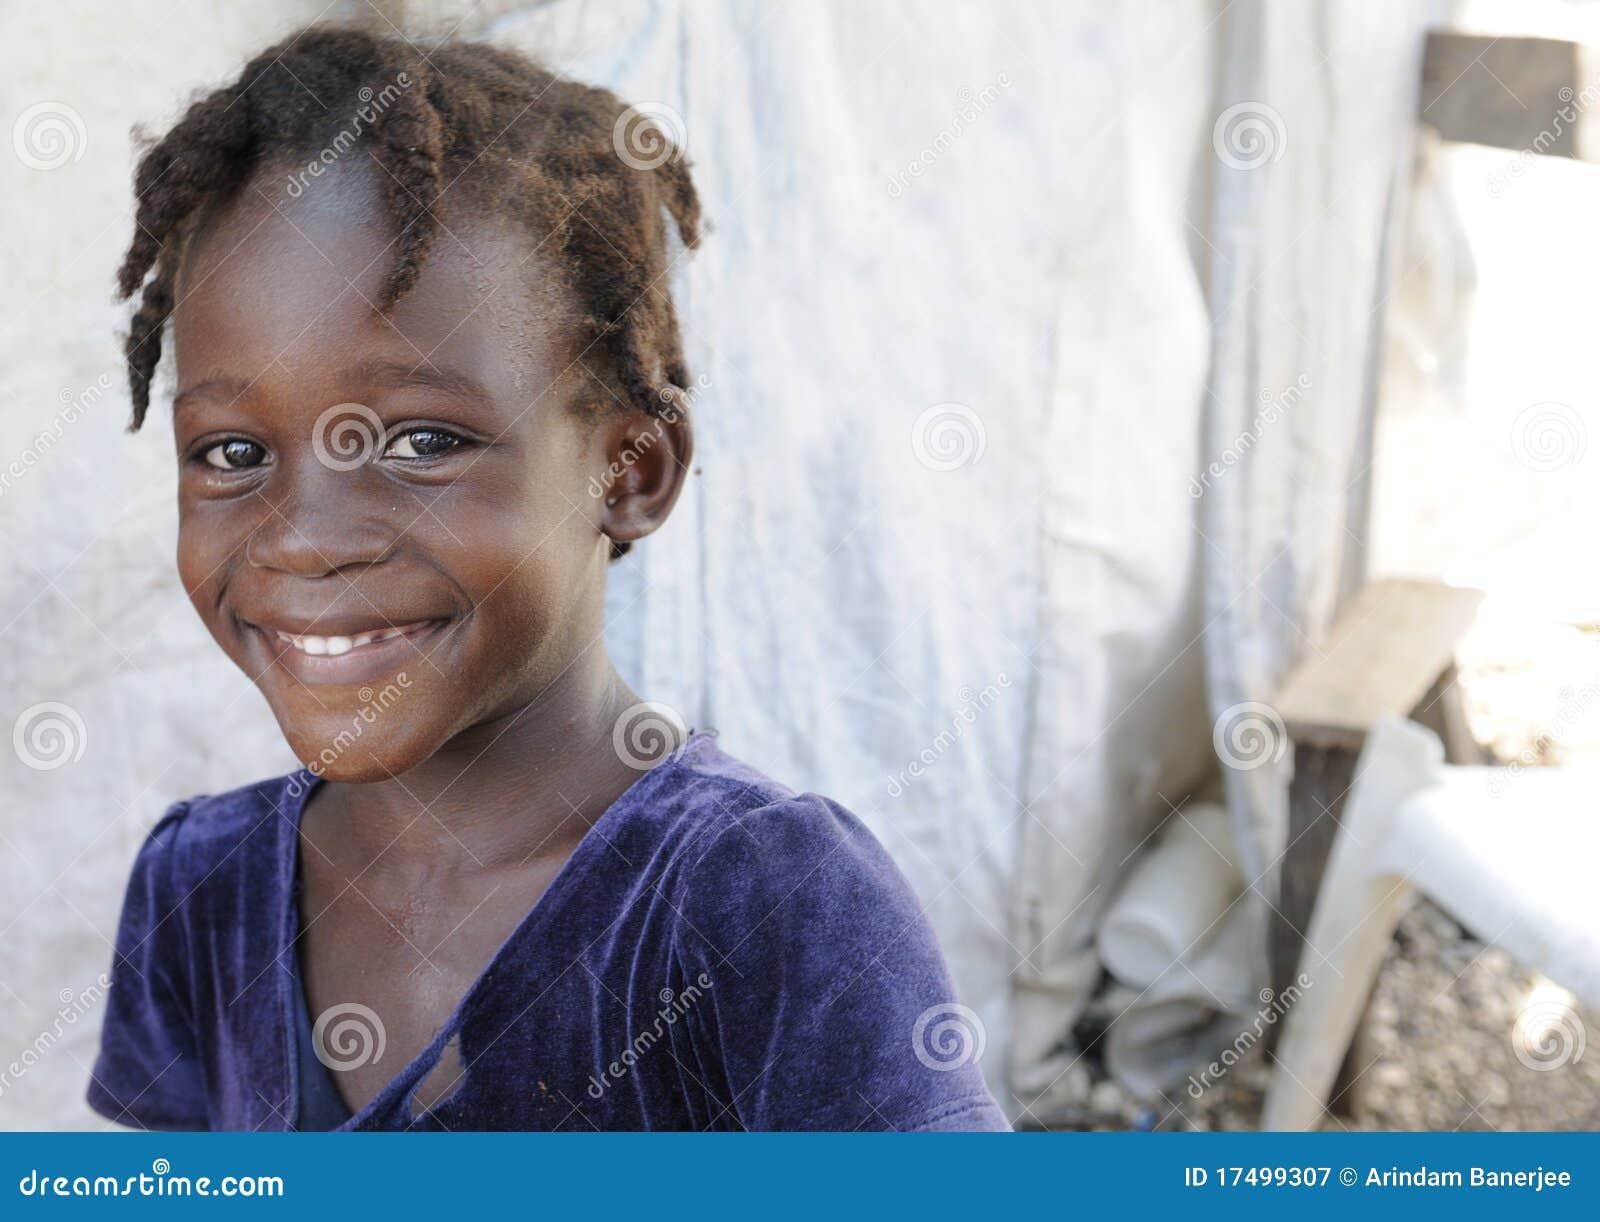 Um miúdo haitiano.